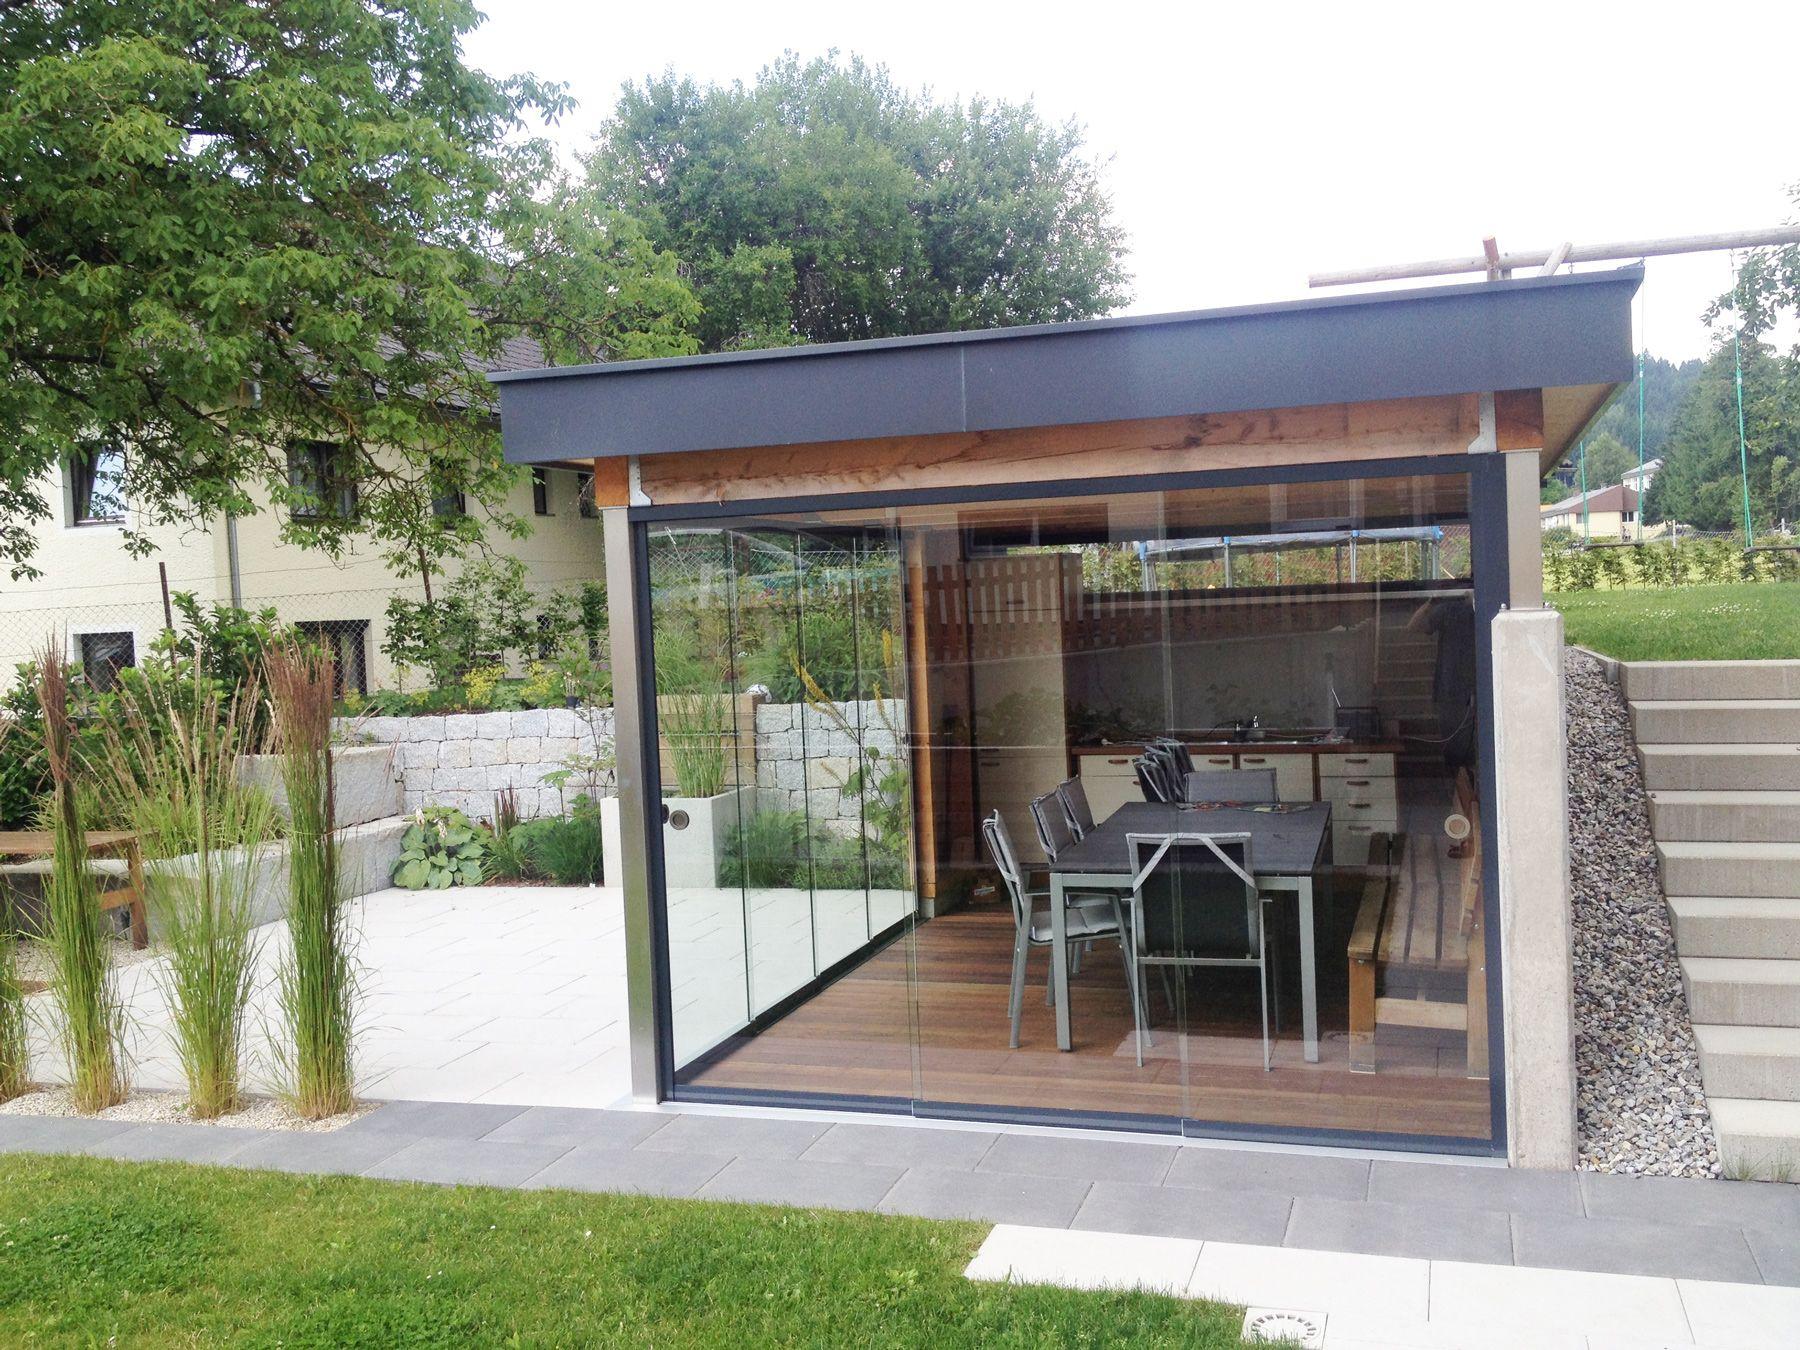 28 Ideen Fur Terrassengestaltung Dach: Tolles